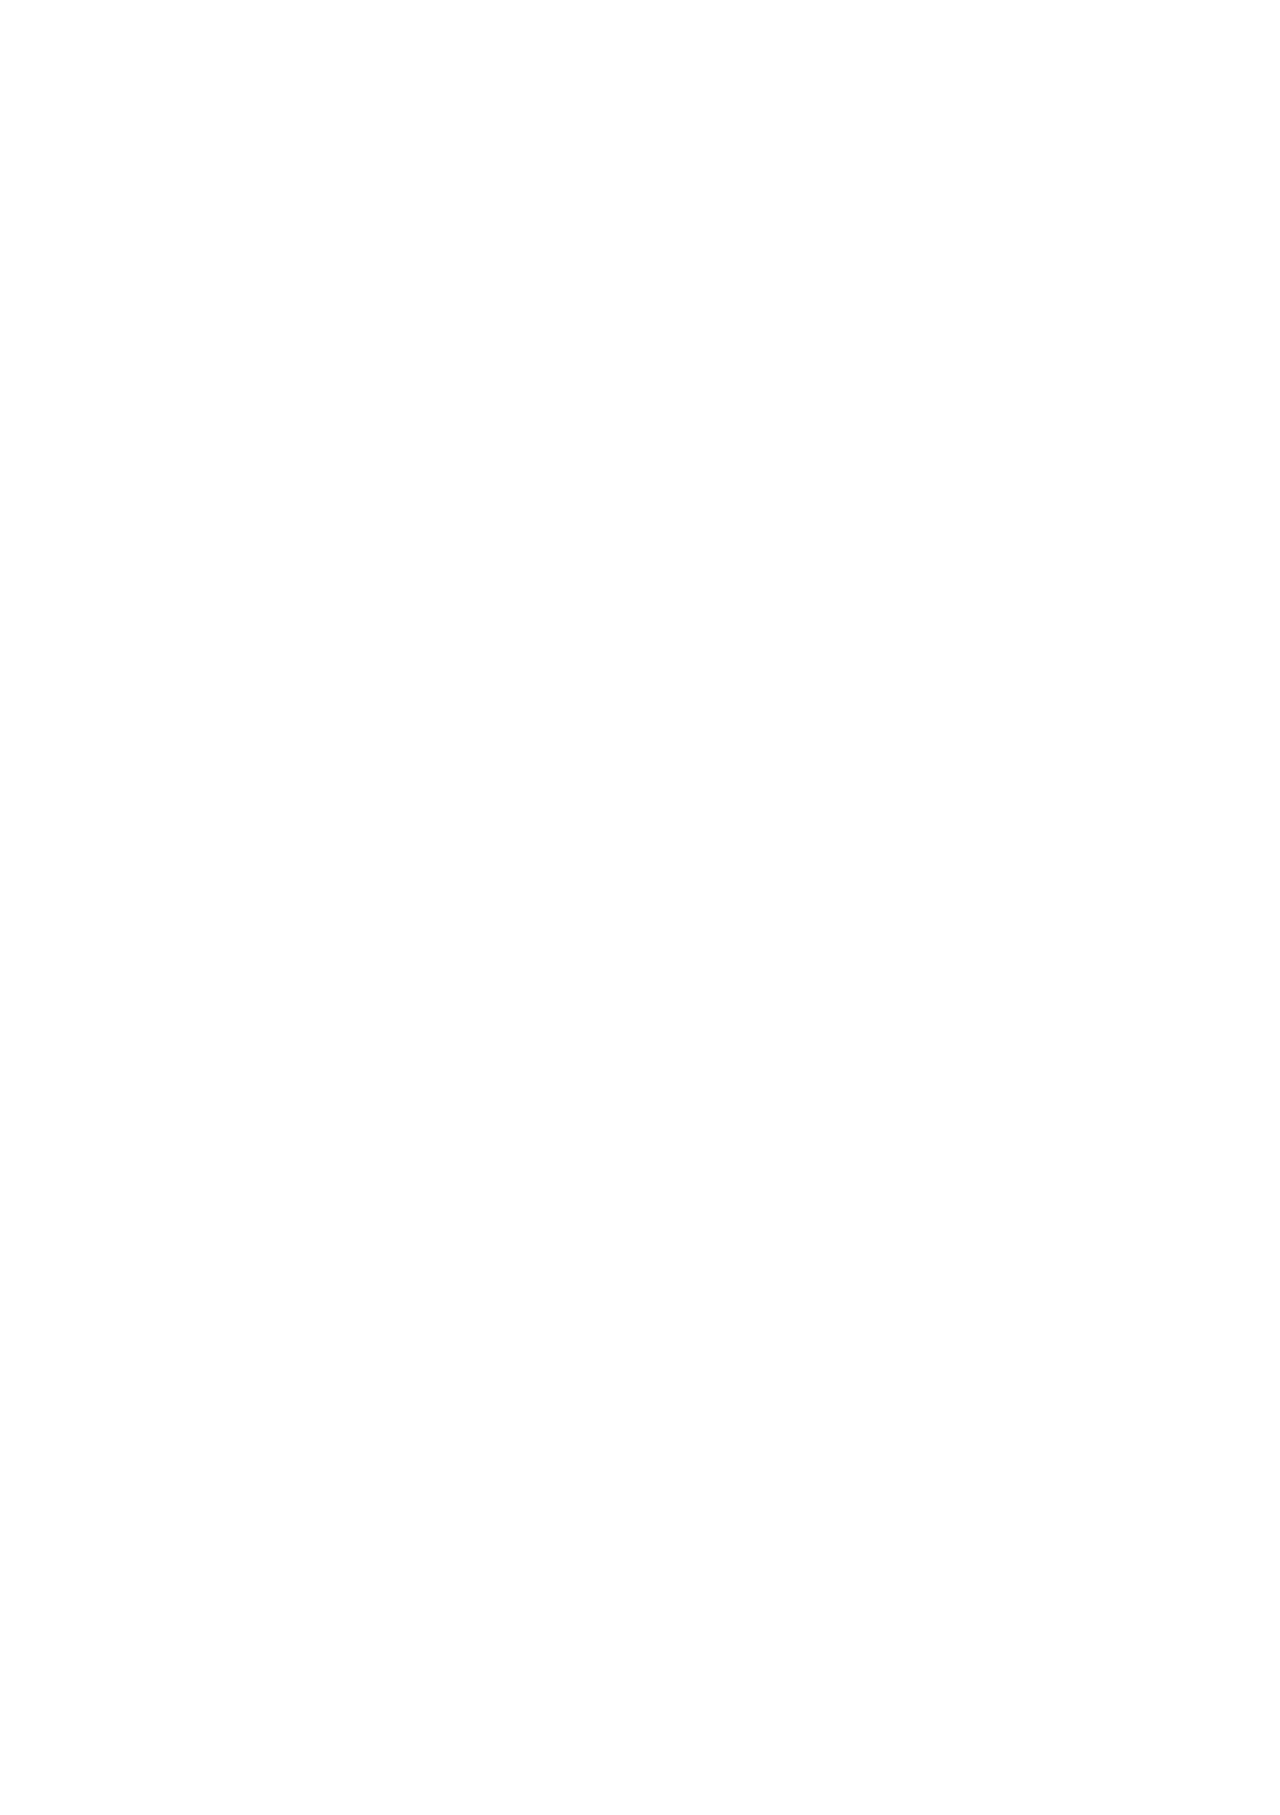 (C91) [Kohakutei (Sakai Hamachi)] Kimajime na Onna ni Nakadashi Choukyou Shite Mimashita - Nishizumi-ryuu Senshadou Iemoto no Baai (Girls und Panzer) 1